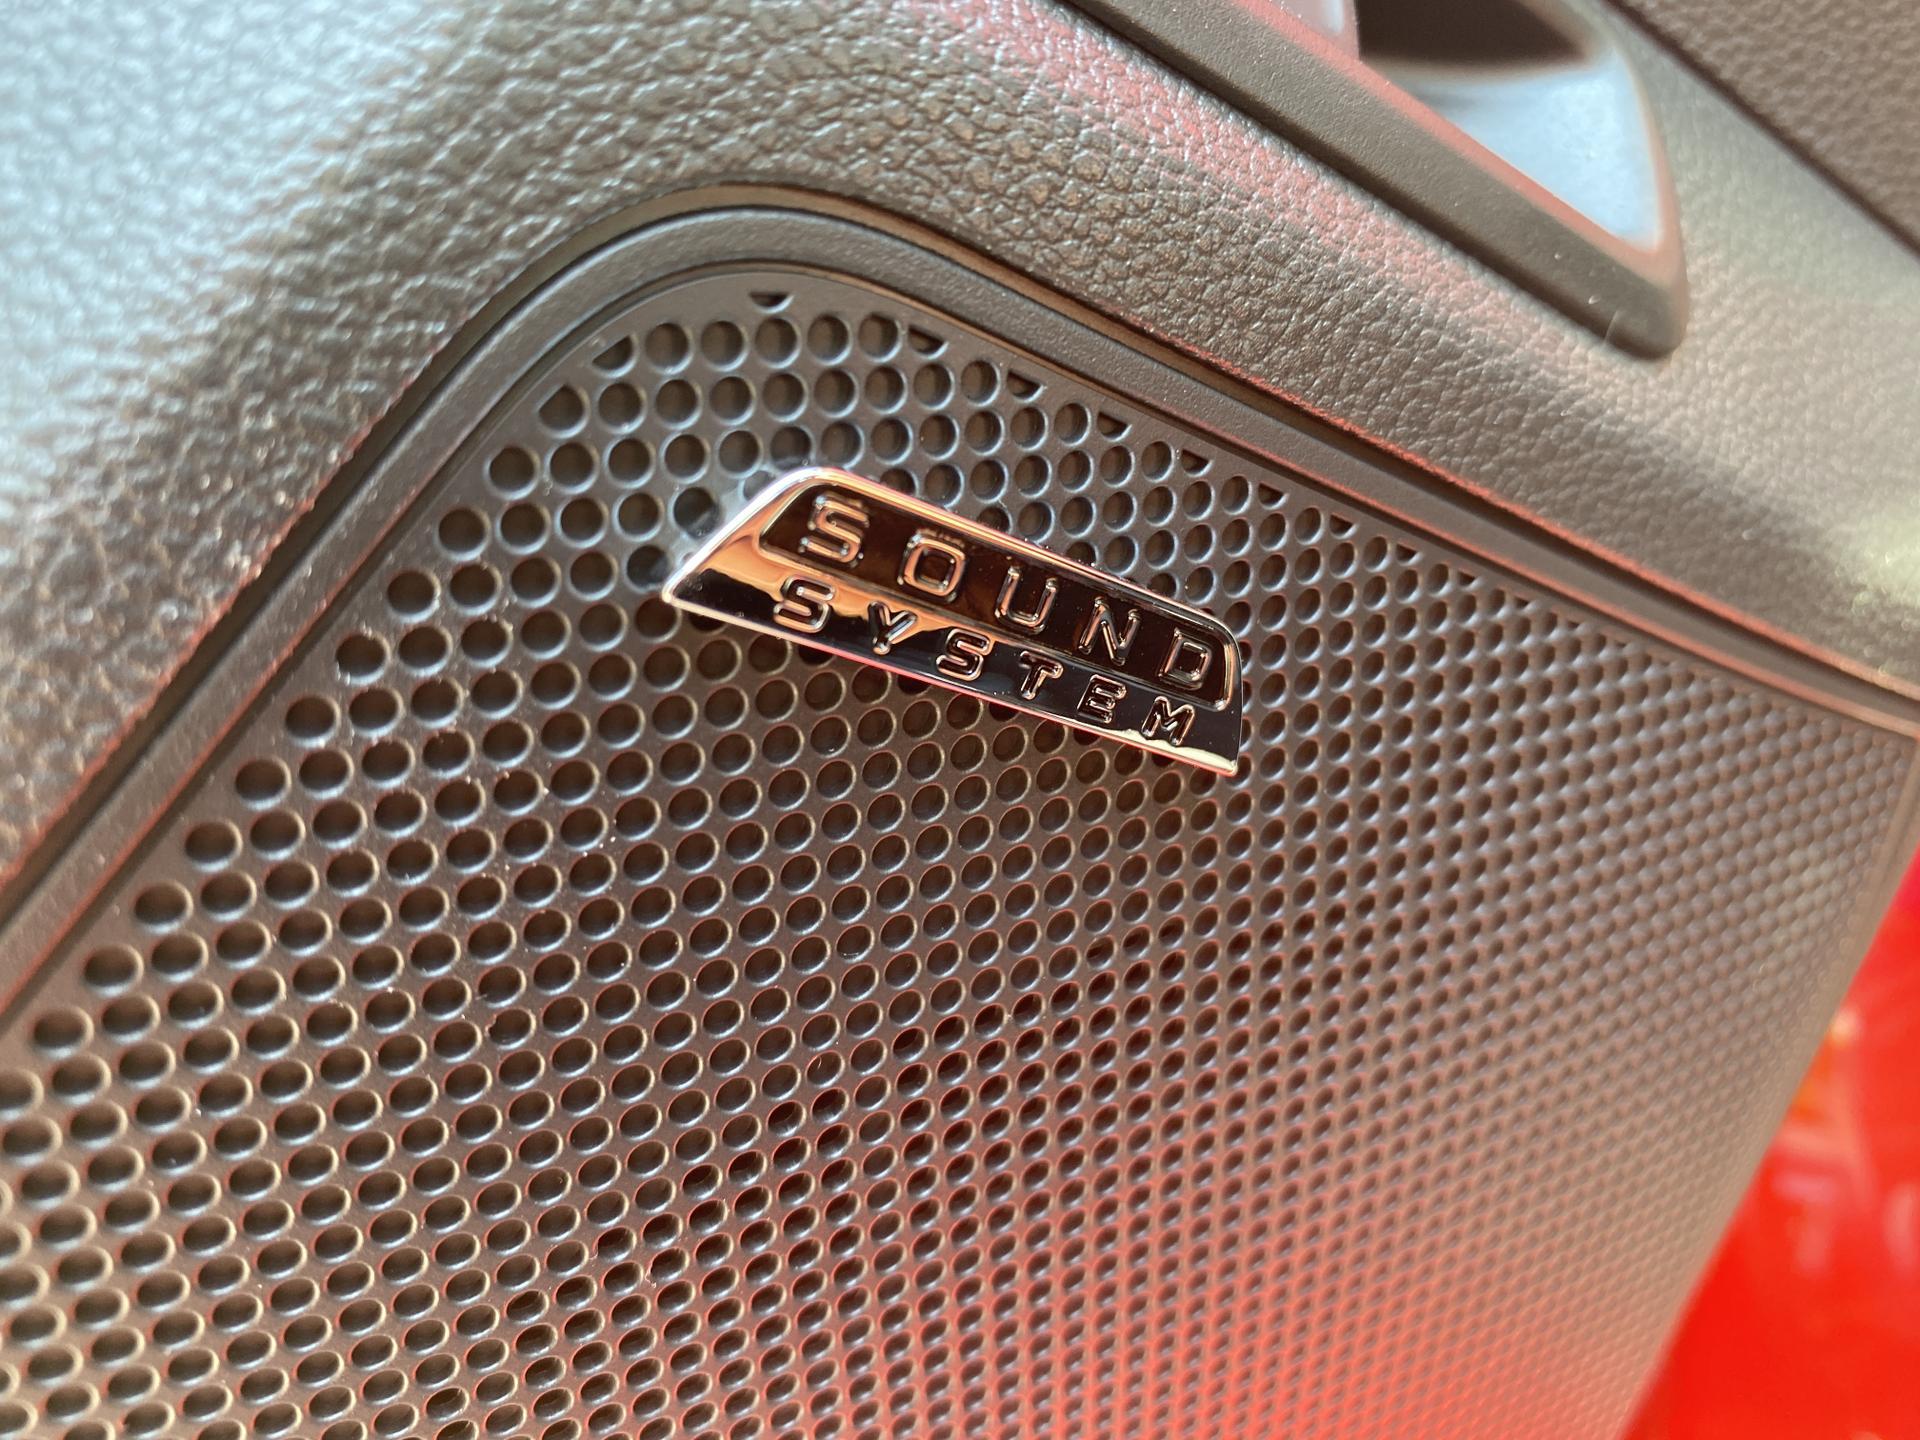 Skoda Scala innenraum sound system